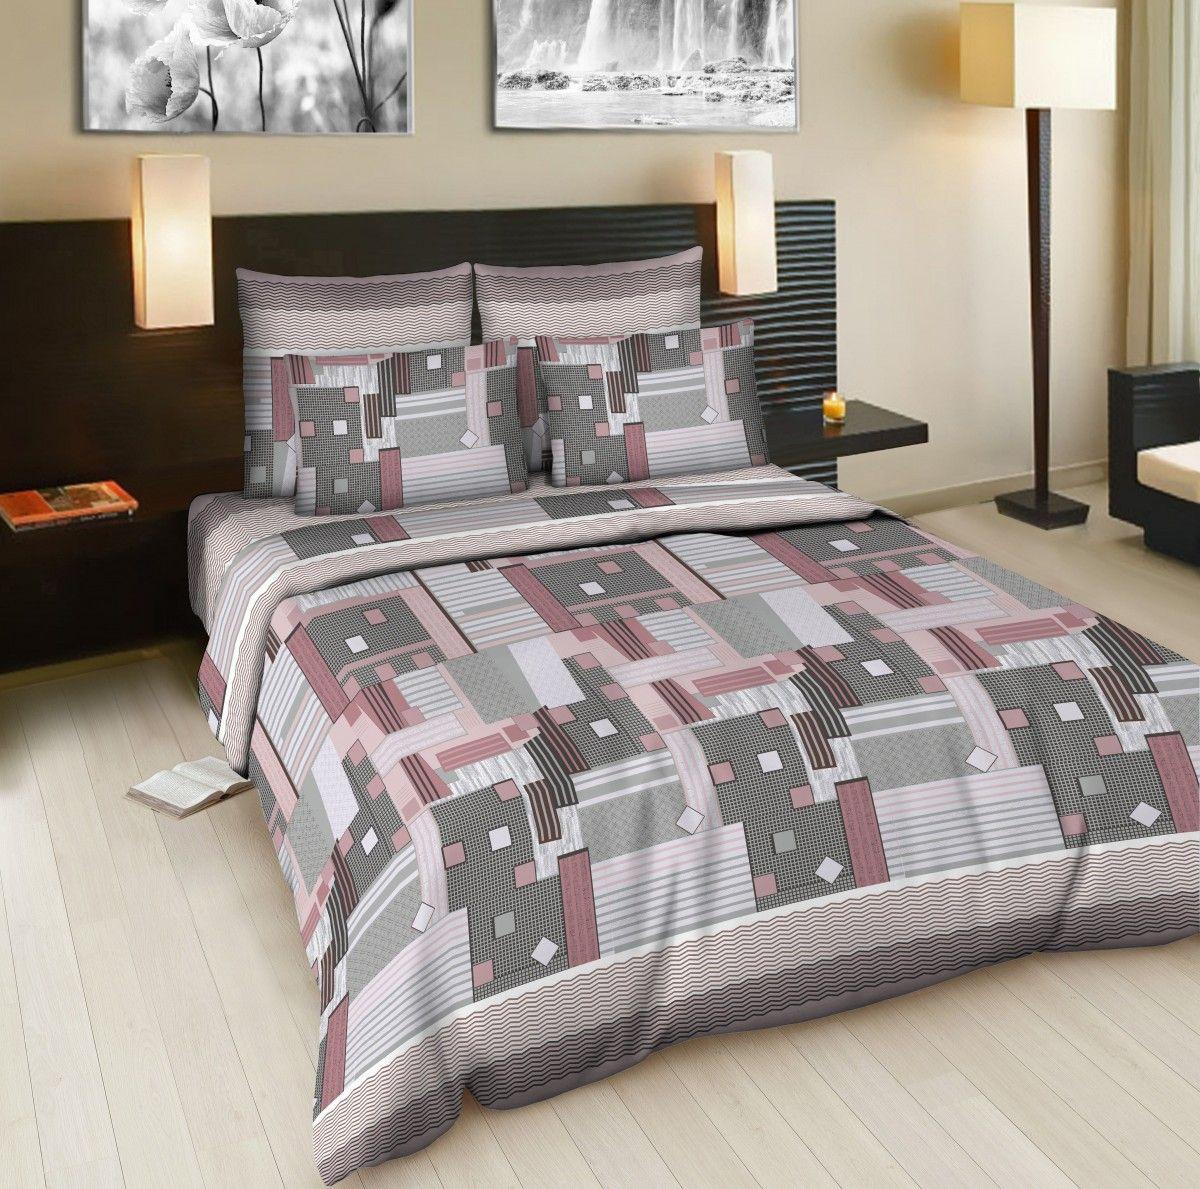 Комплект белья Amore Mio Window, семейный, наволочки 70x70, цвет: серый, розовый83352Комплект постельного белья Amore Mio является экологически безопасным для всей семьи, так как выполнен из бязи (100% хлопок). Постельное белье оформлено оригинальным рисунком и имеет изысканный внешний вид.Легкая, плотная, мягкая ткань отлично стирается, гладится, быстро сохнет.Комплект состоит из двух пододеяльников, простыни и двух наволочек.